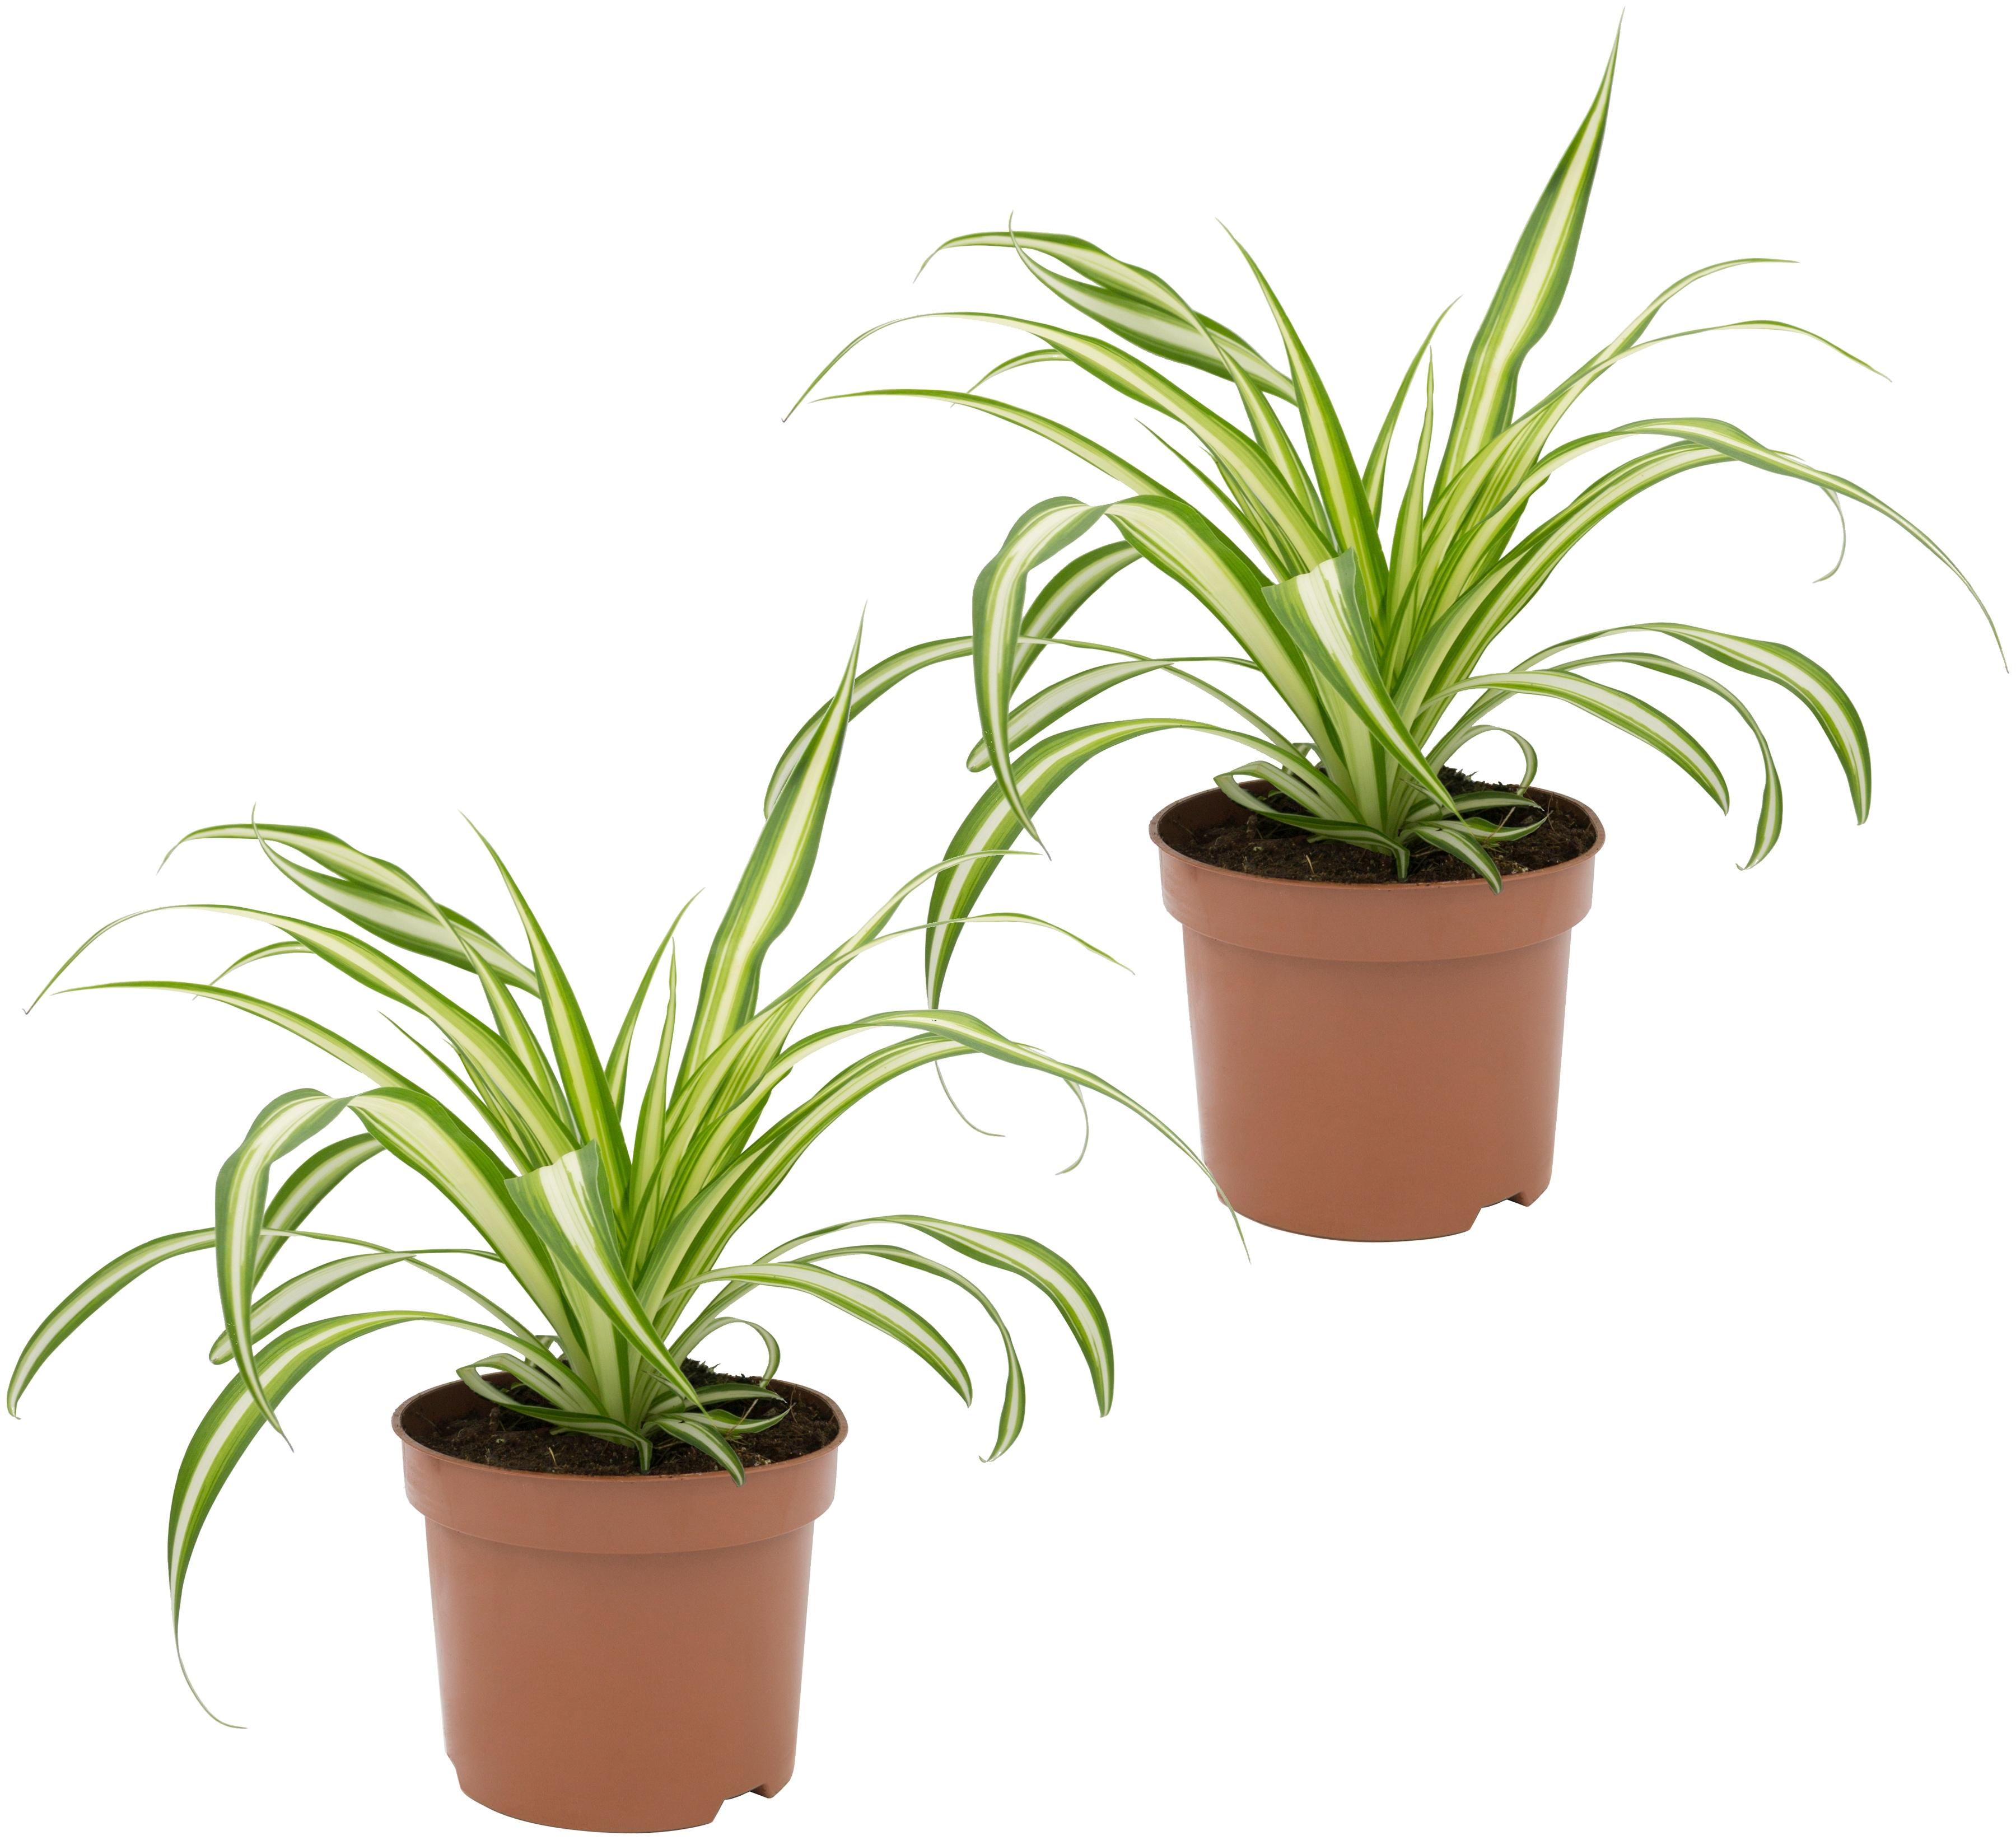 Dominik Zimmerpflanze Grünlilien, Höhe: 15 cm, 2 Pflanzen grün Zimmerpflanzen Garten Balkon